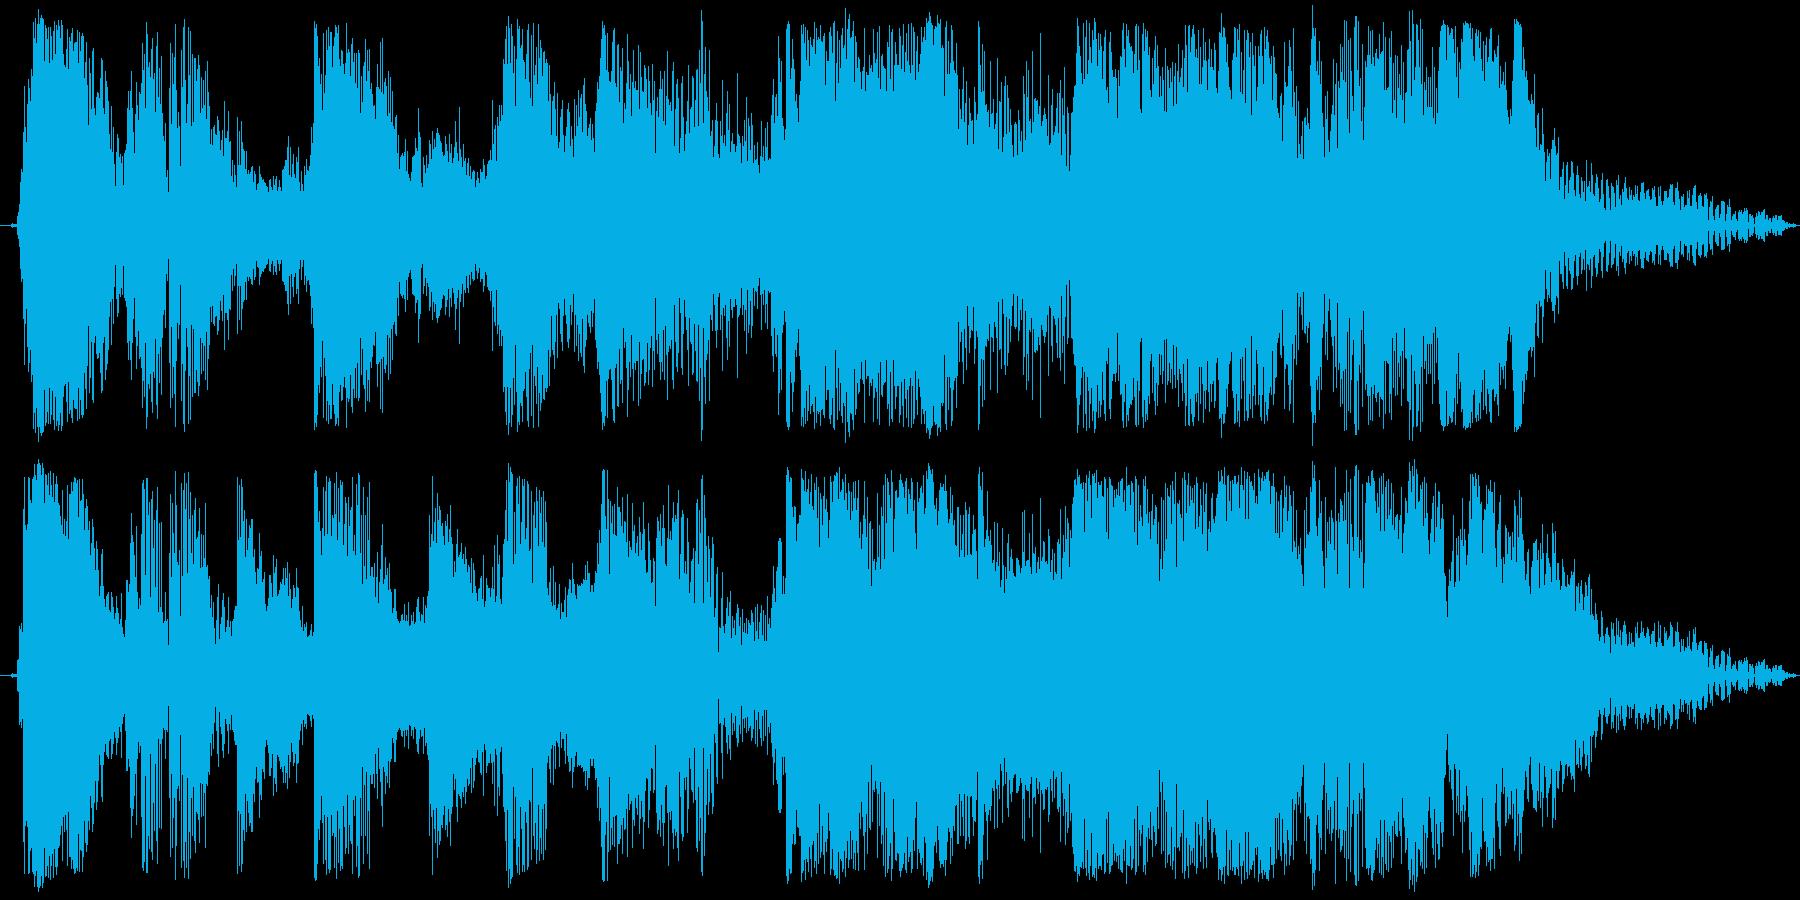 ブラス&ギターのファンク系ジングルの再生済みの波形